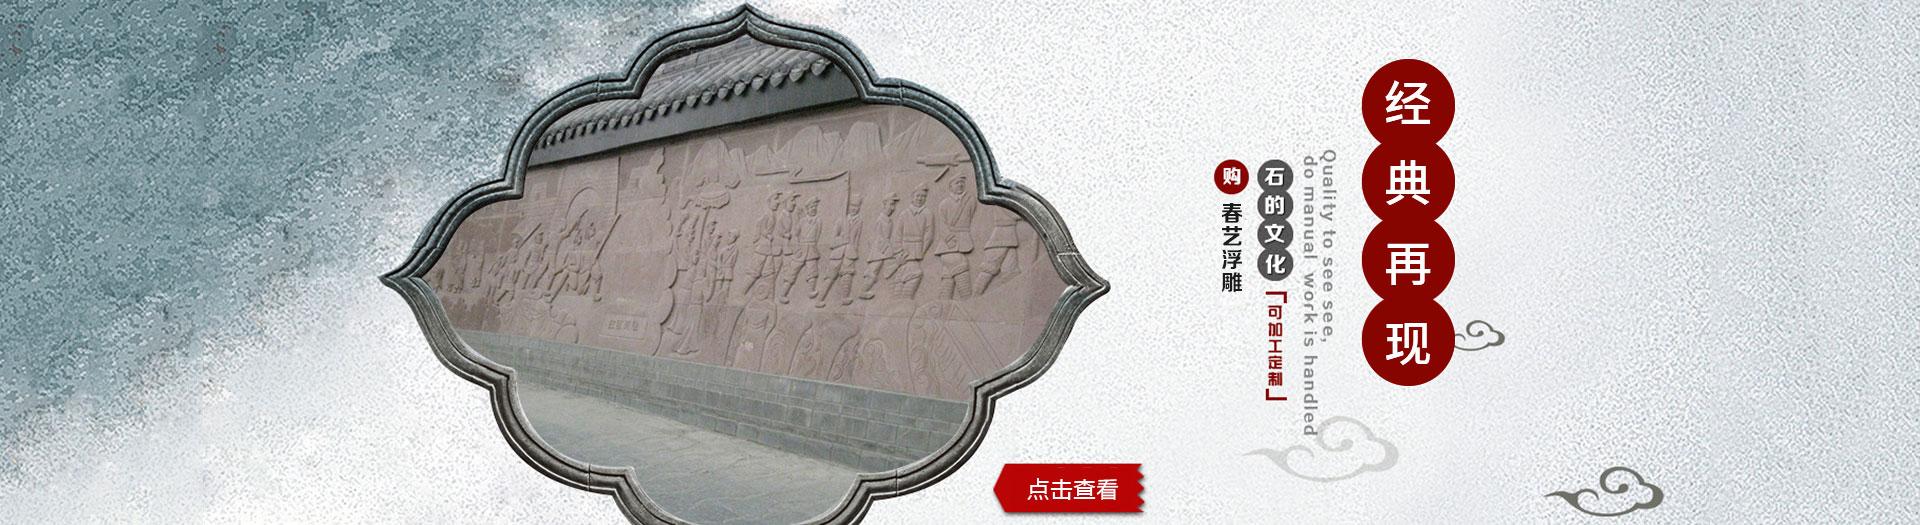 鸳鸯石锅、抗裂石锅、环保石锅